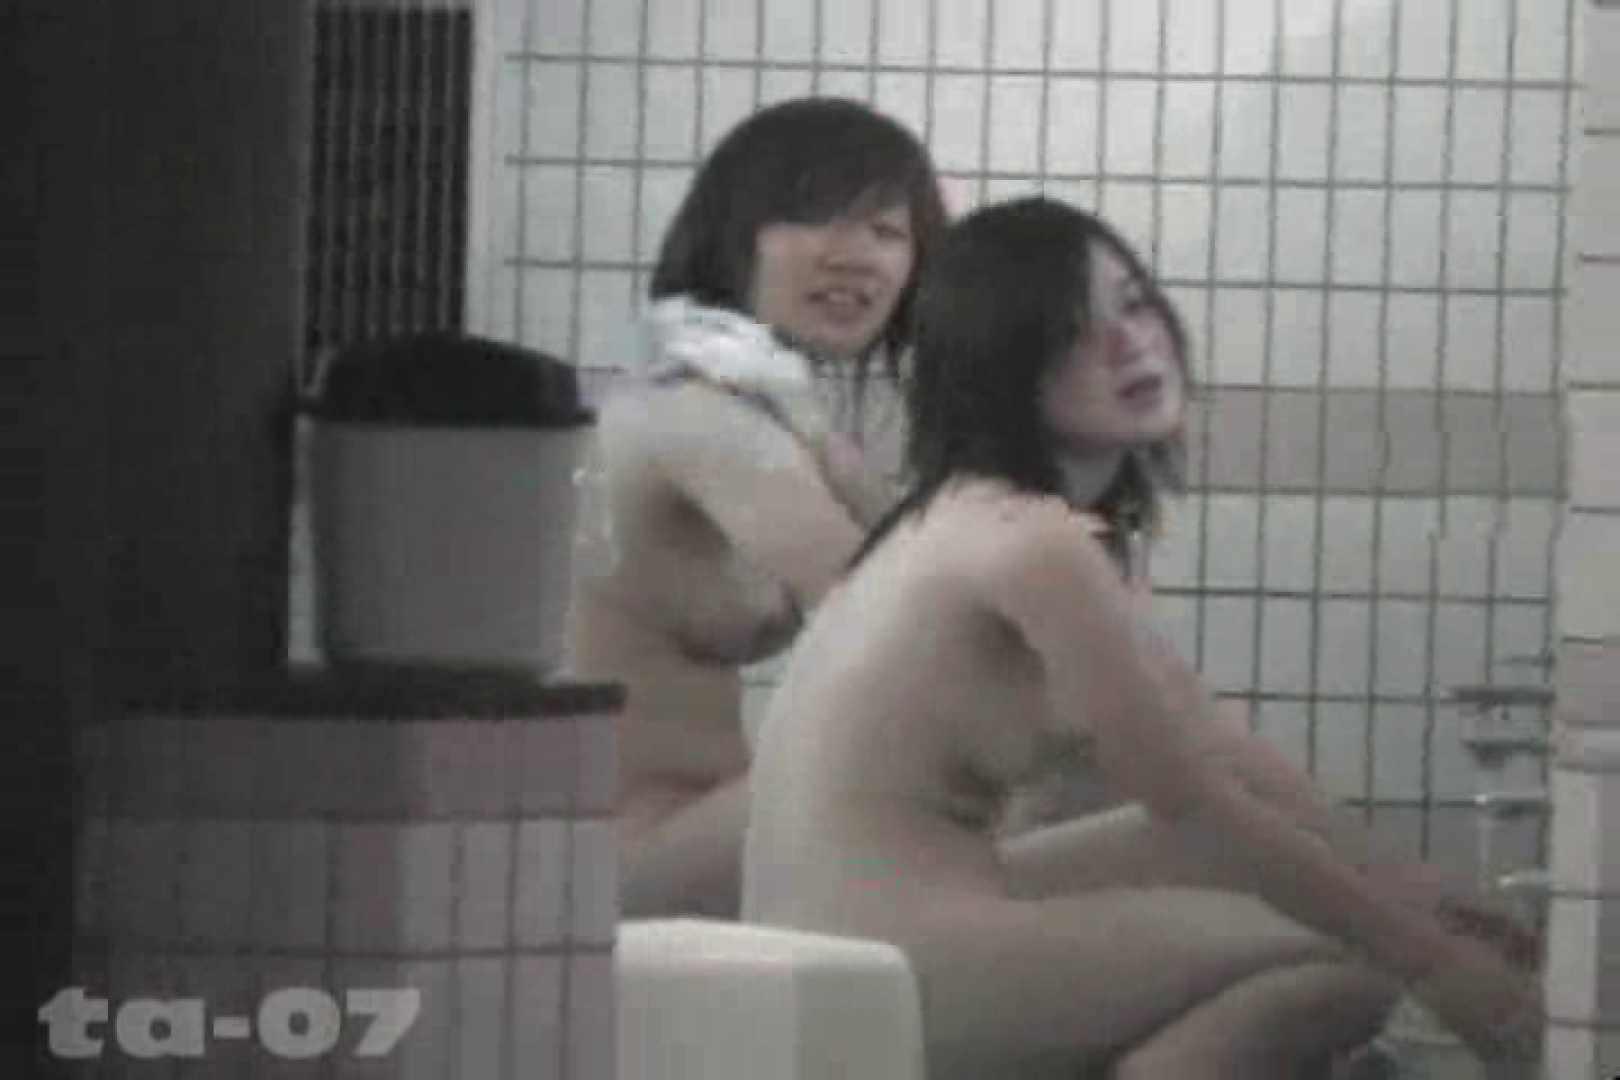 合宿ホテル女風呂盗撮高画質版 Vol.07 合宿中の出来事 盗撮 77画像 5